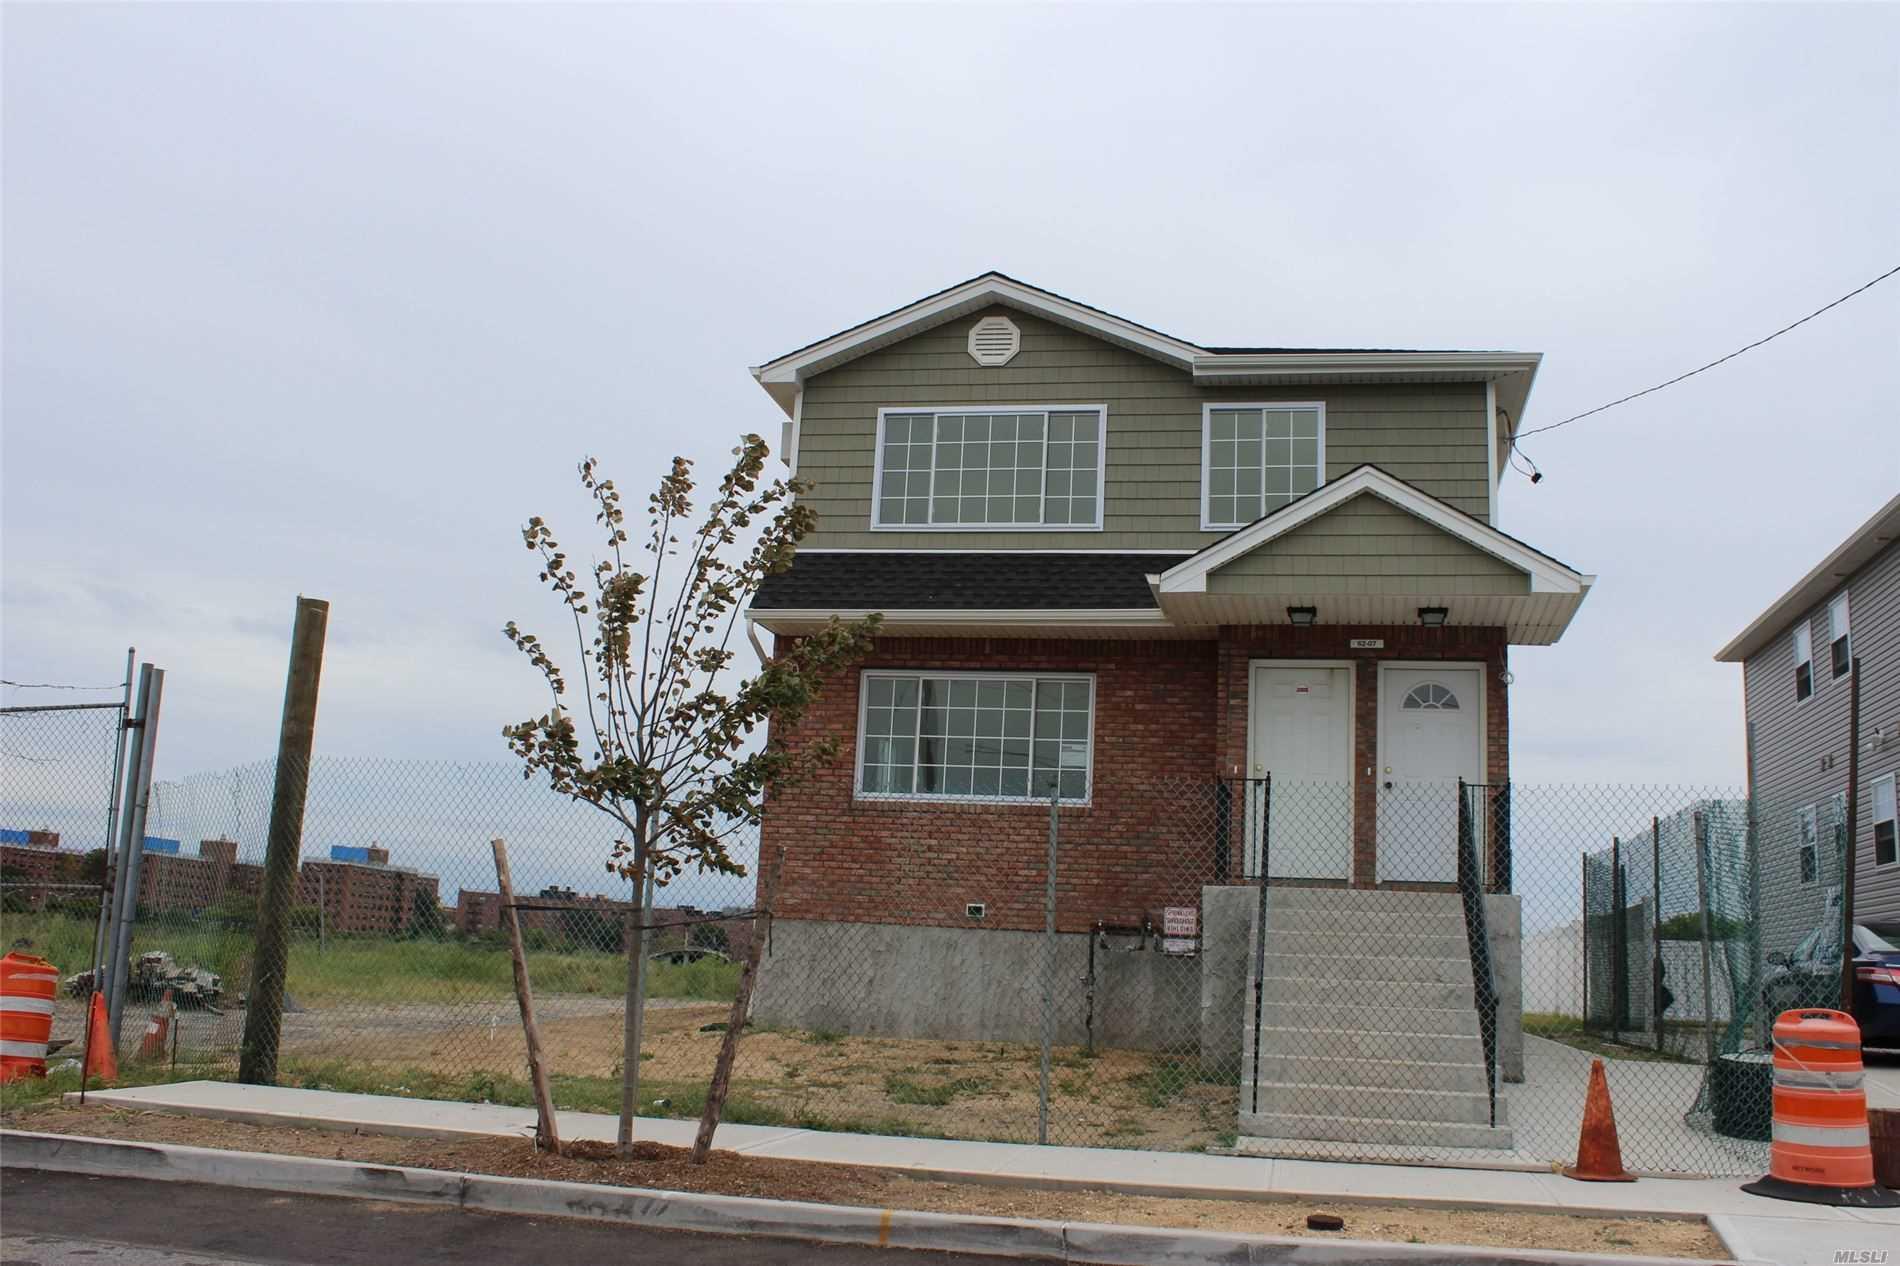 Property for sale at 6261 Decosta Avenue, Arverne NY 11692, Arverne,  New York 11692